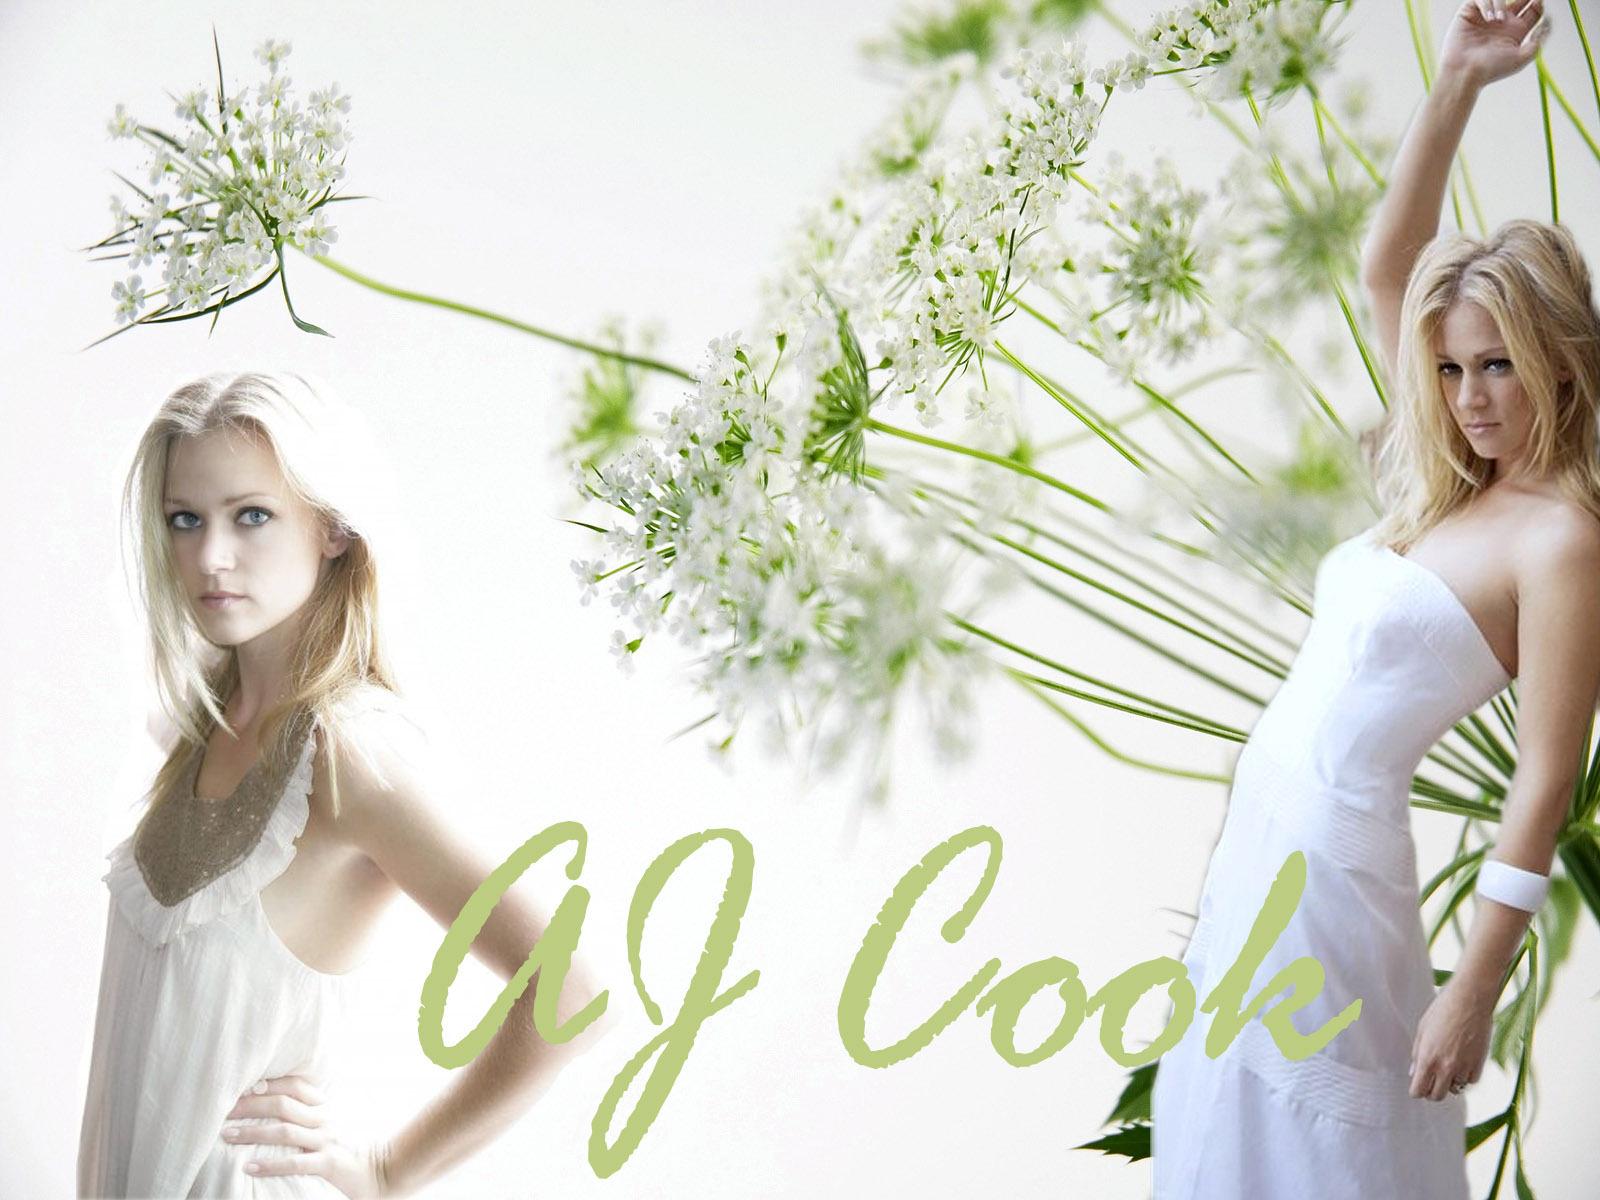 A J Cook HD Images   HD Wallpaper   Car Wallpapers   Nature 1600x1200